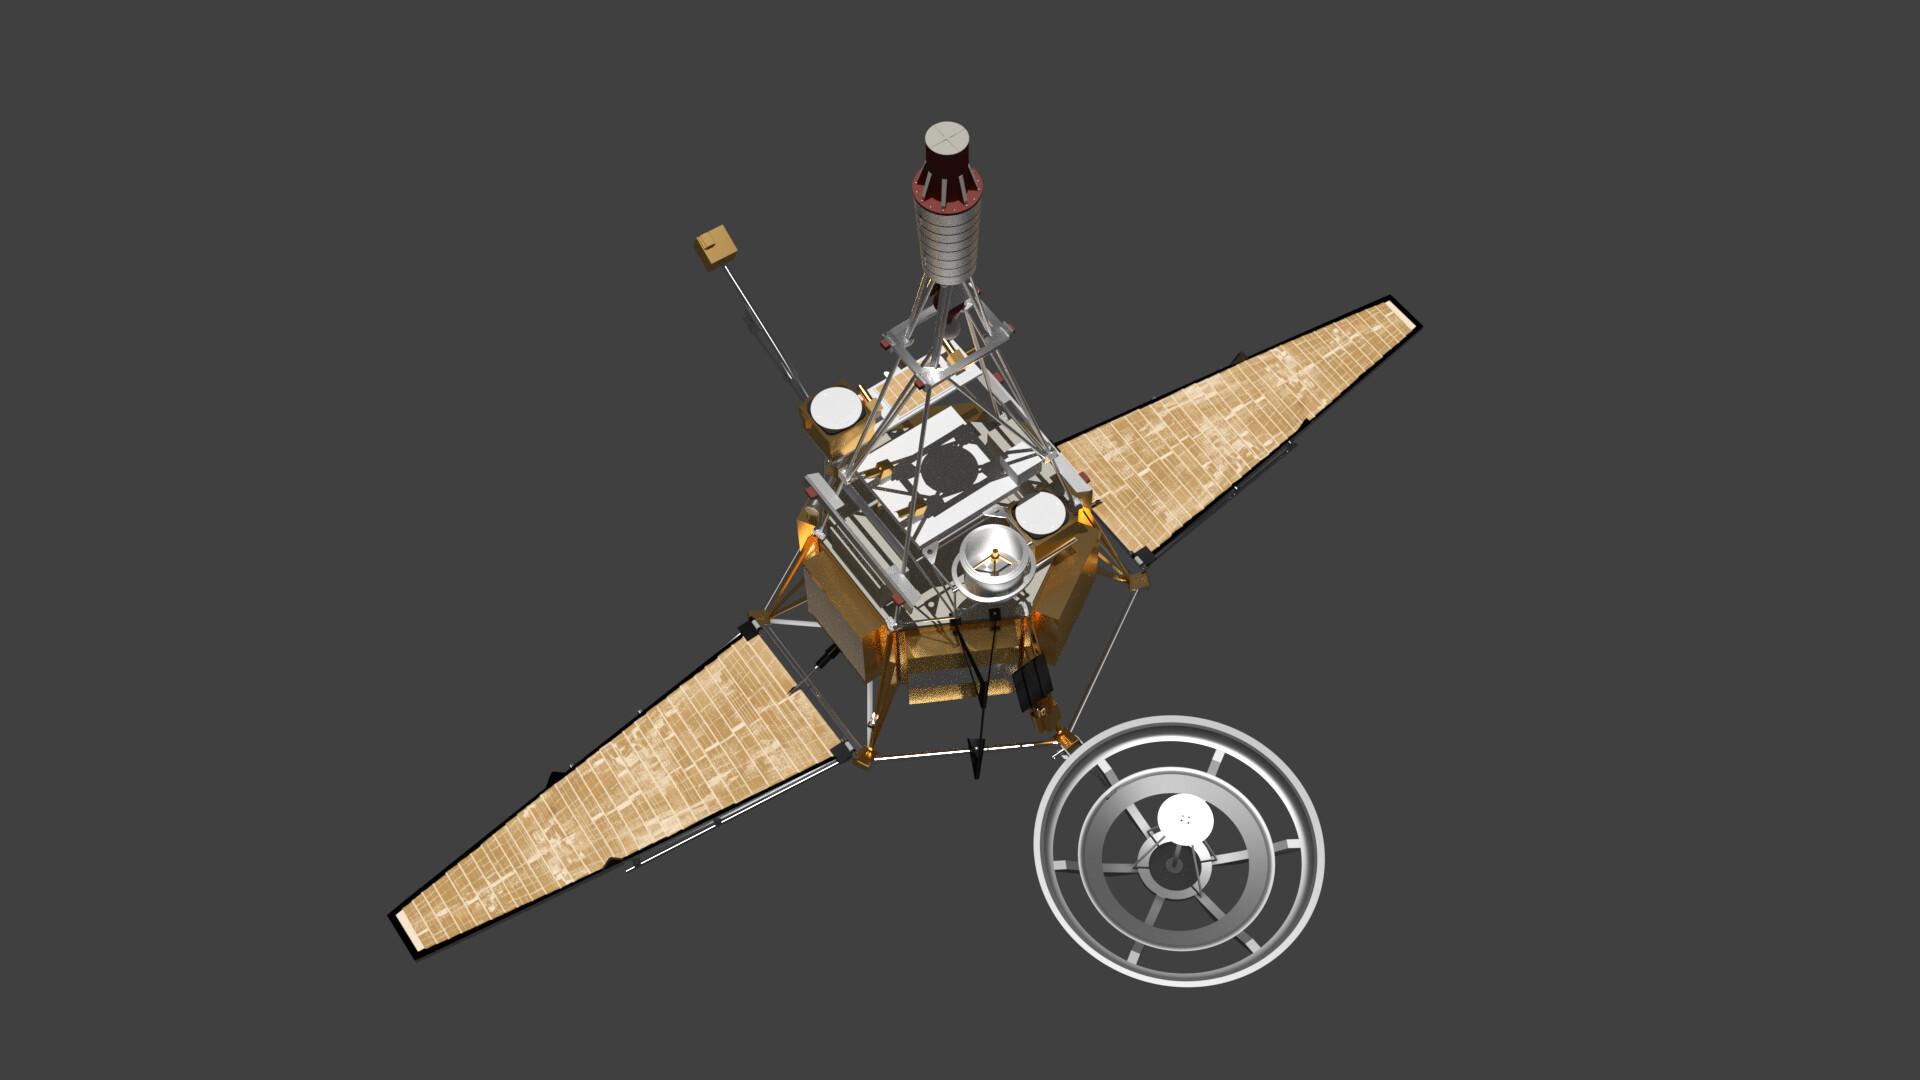 nasa ranger spacecrafts - HD1920×1080